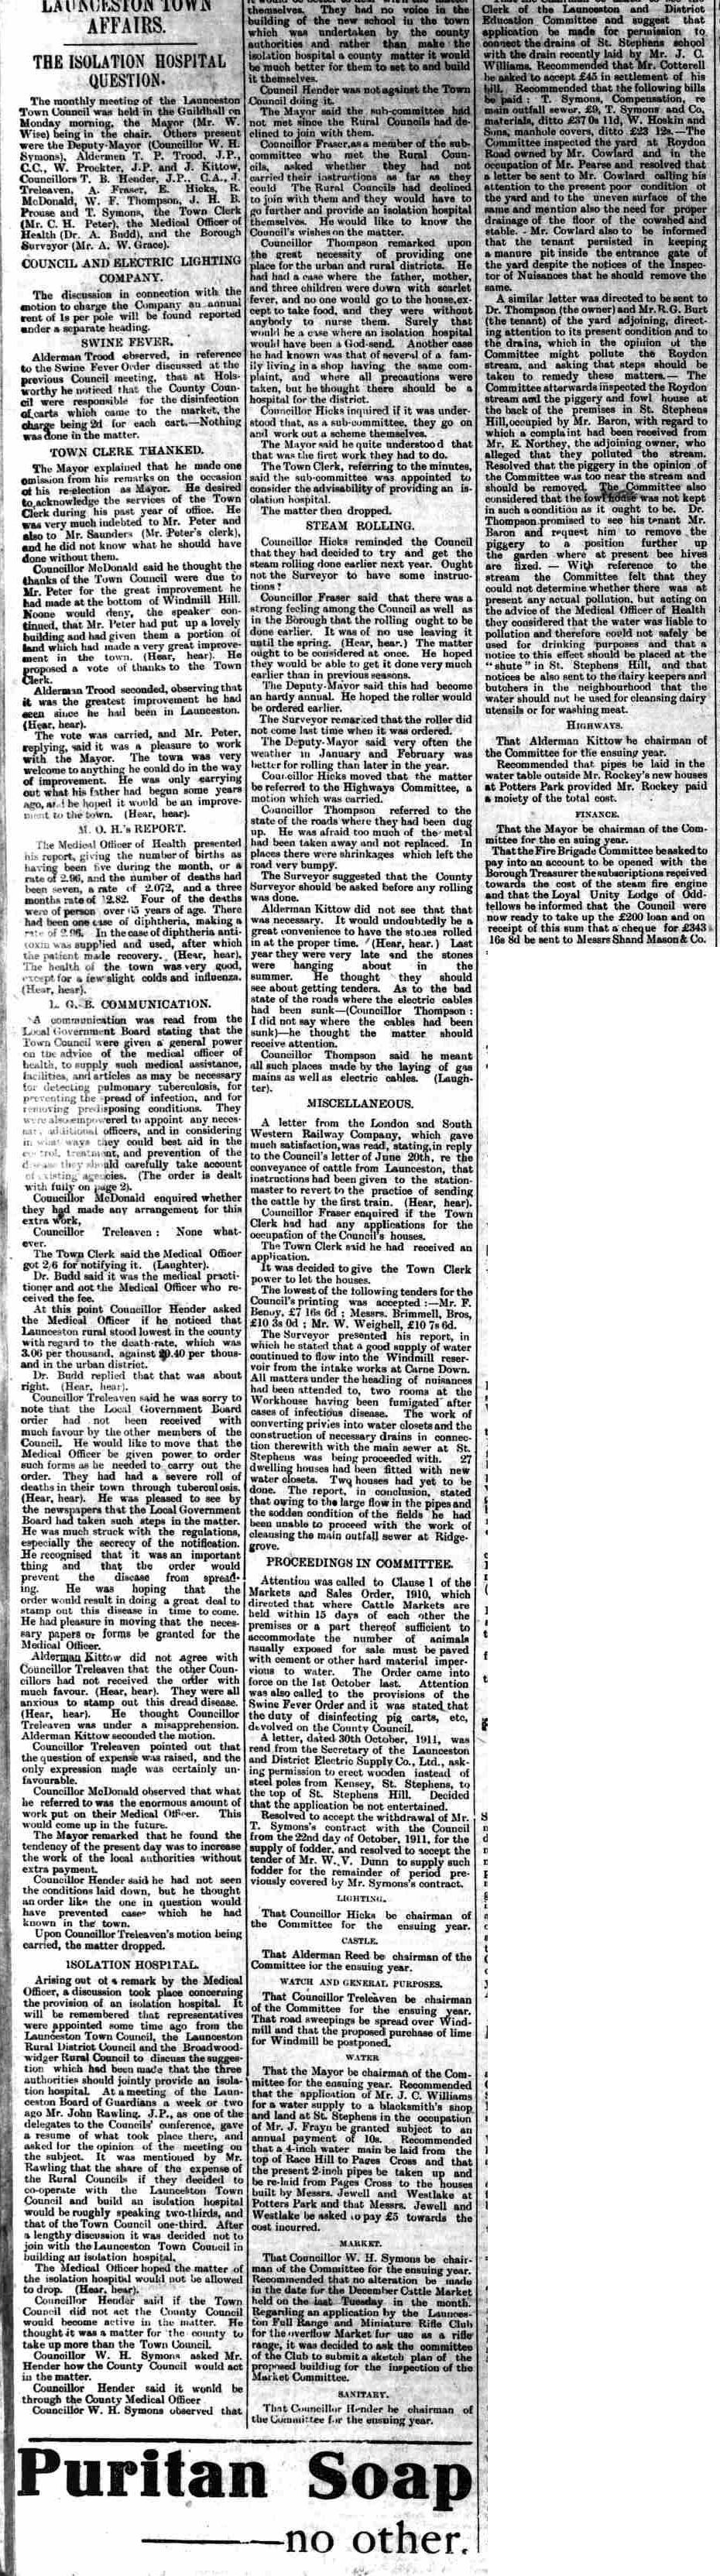 25 November 1911